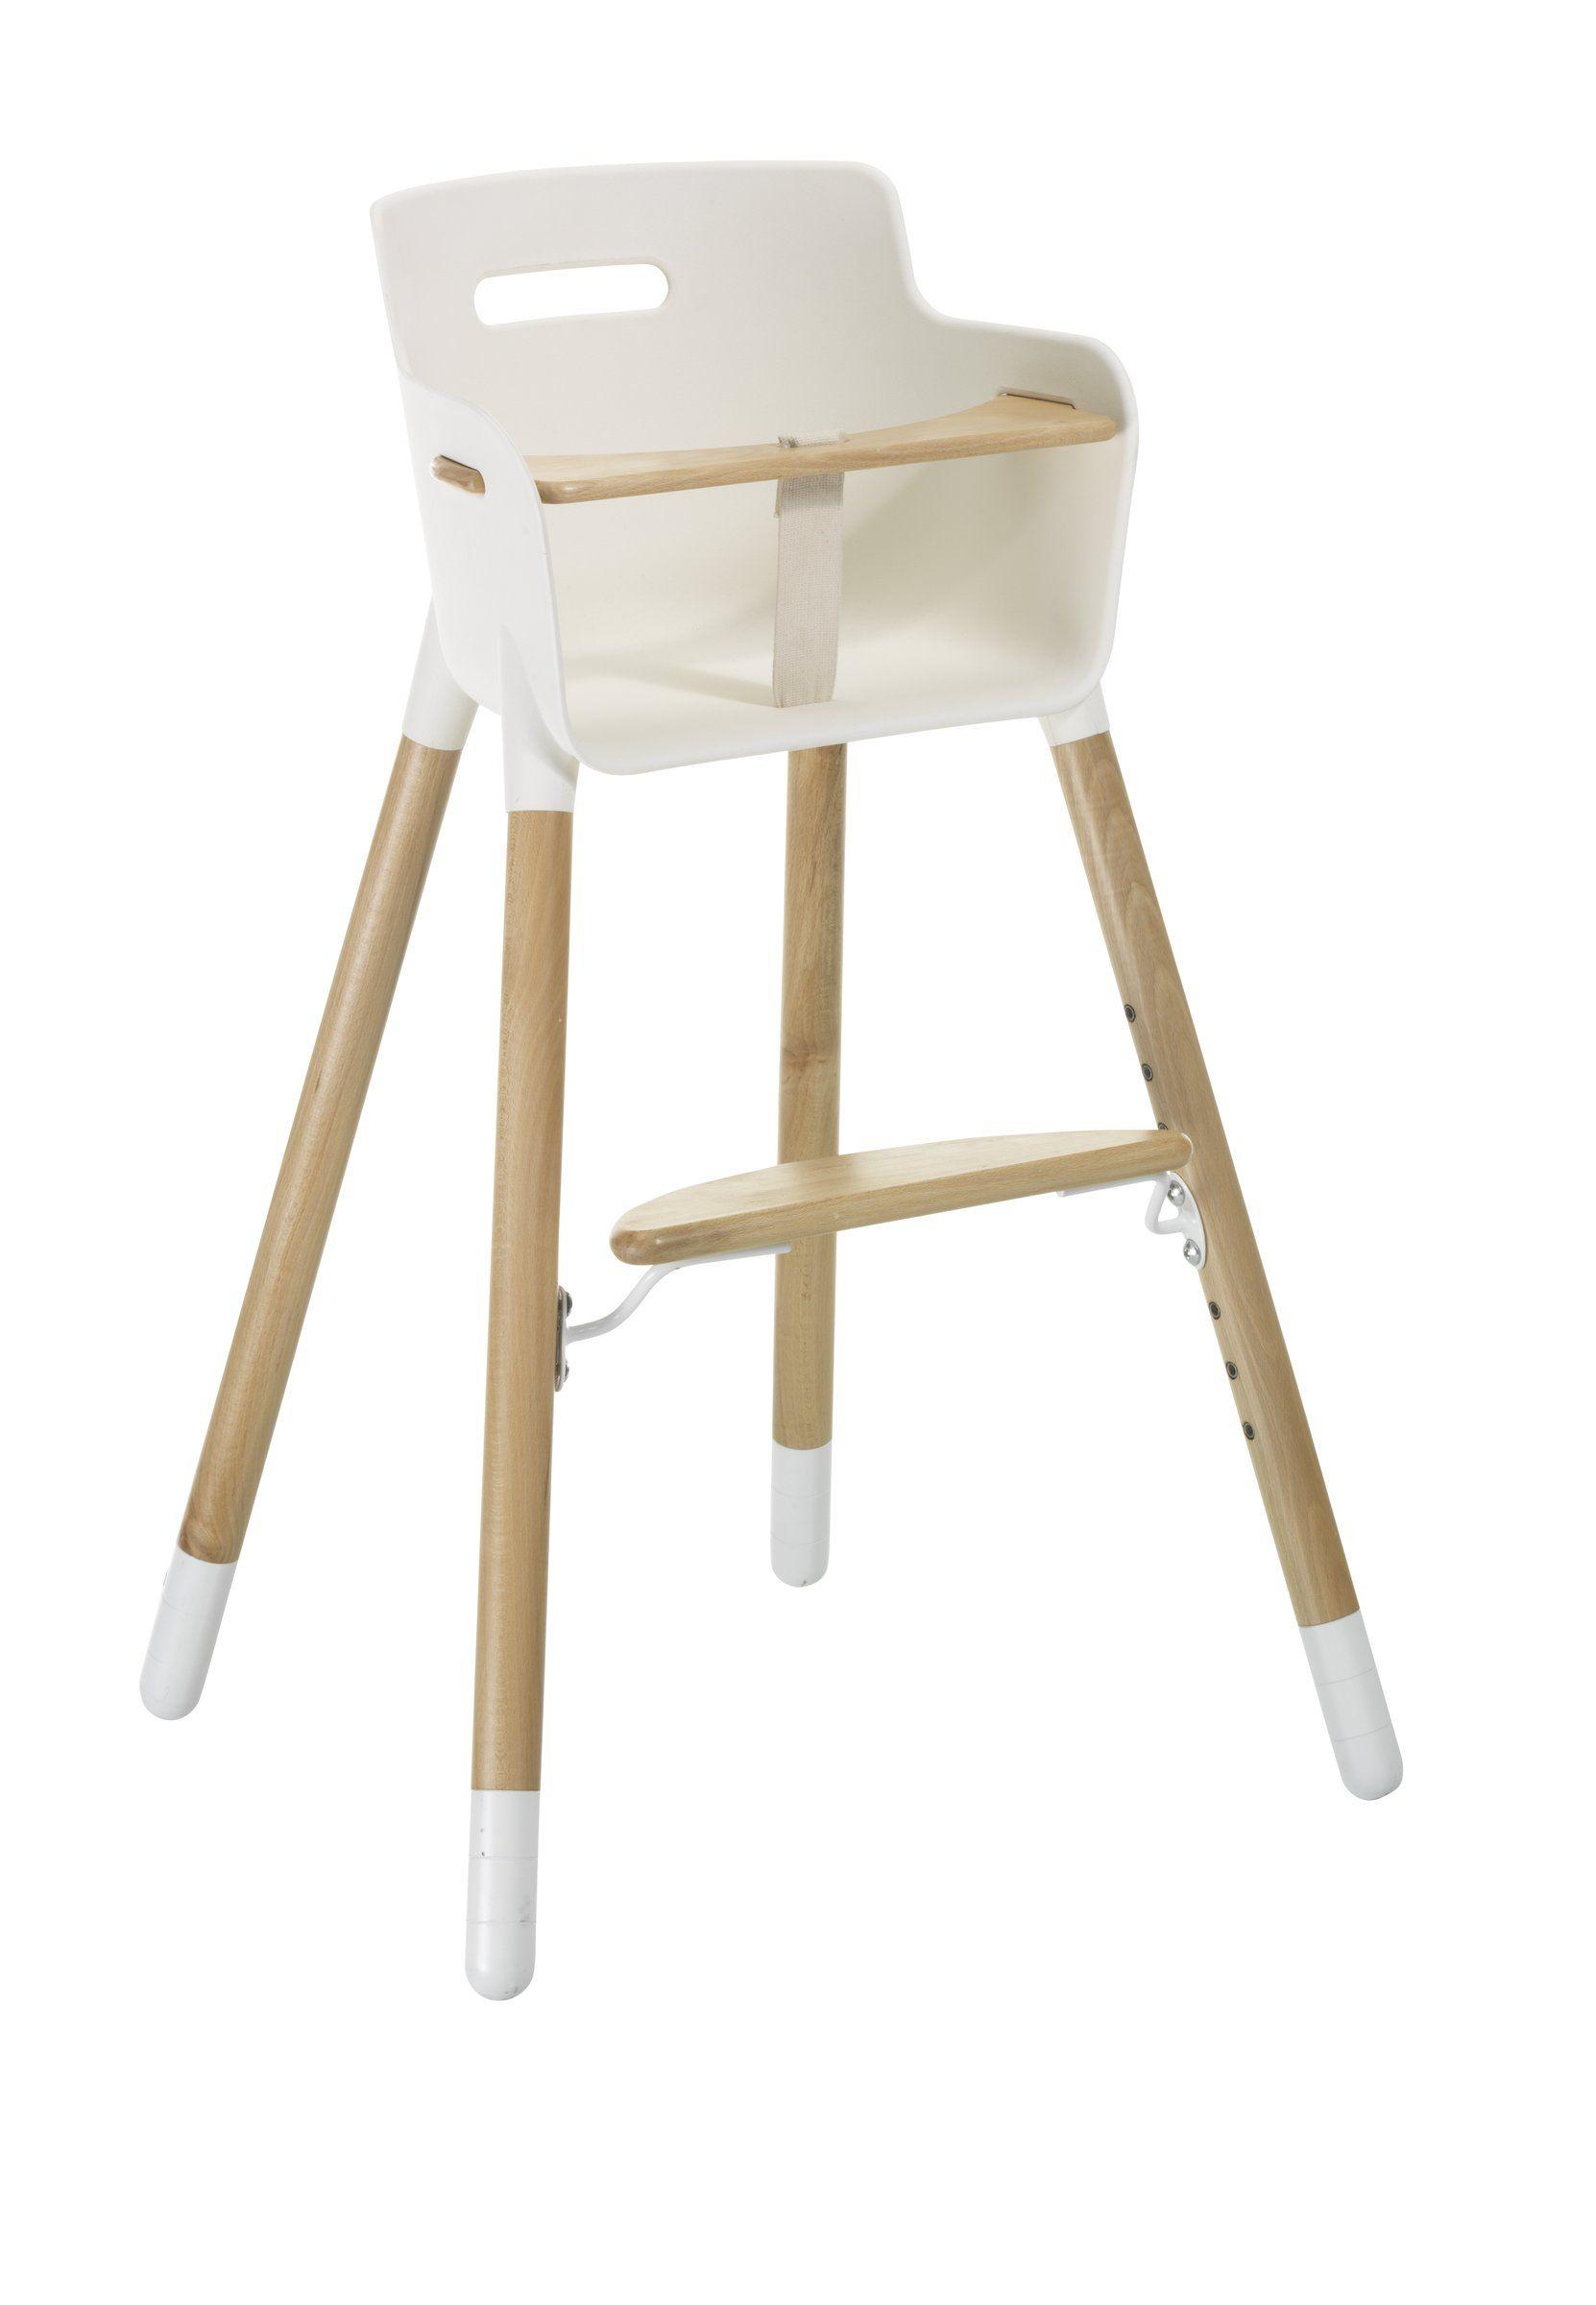 hochstuhl flexa kinderm bel micasa online shop kcmyr pinterest kinderzimmer. Black Bedroom Furniture Sets. Home Design Ideas